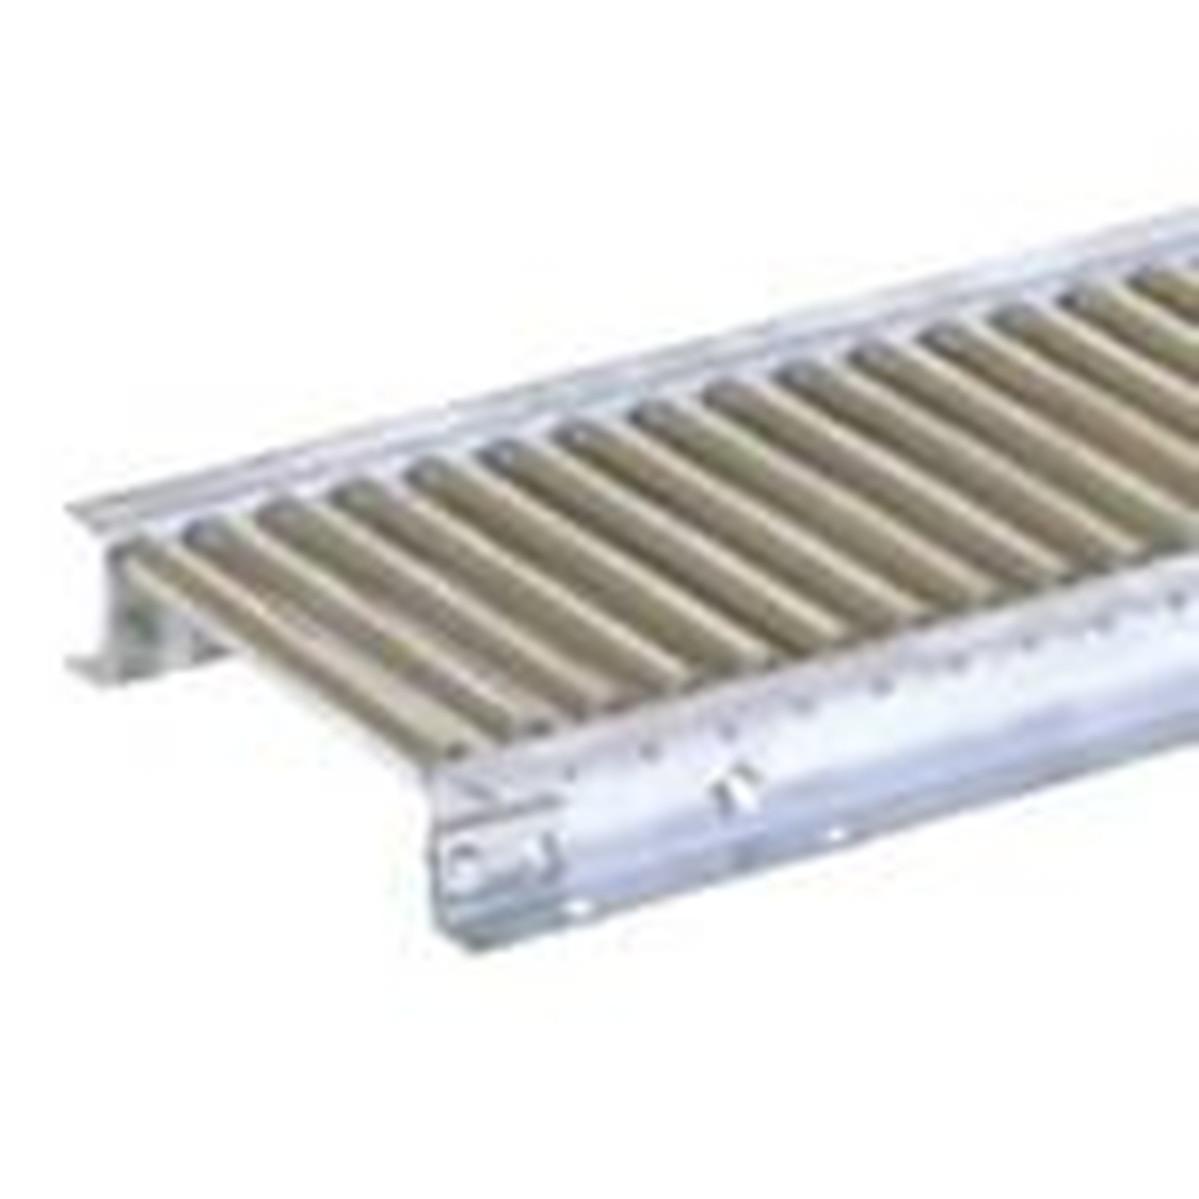 春夏新作モデル セントラル ステンレスローラコンベヤMRU3812 500W×100P×90° 1台, スオウオオシマチョウ 91fa33ee